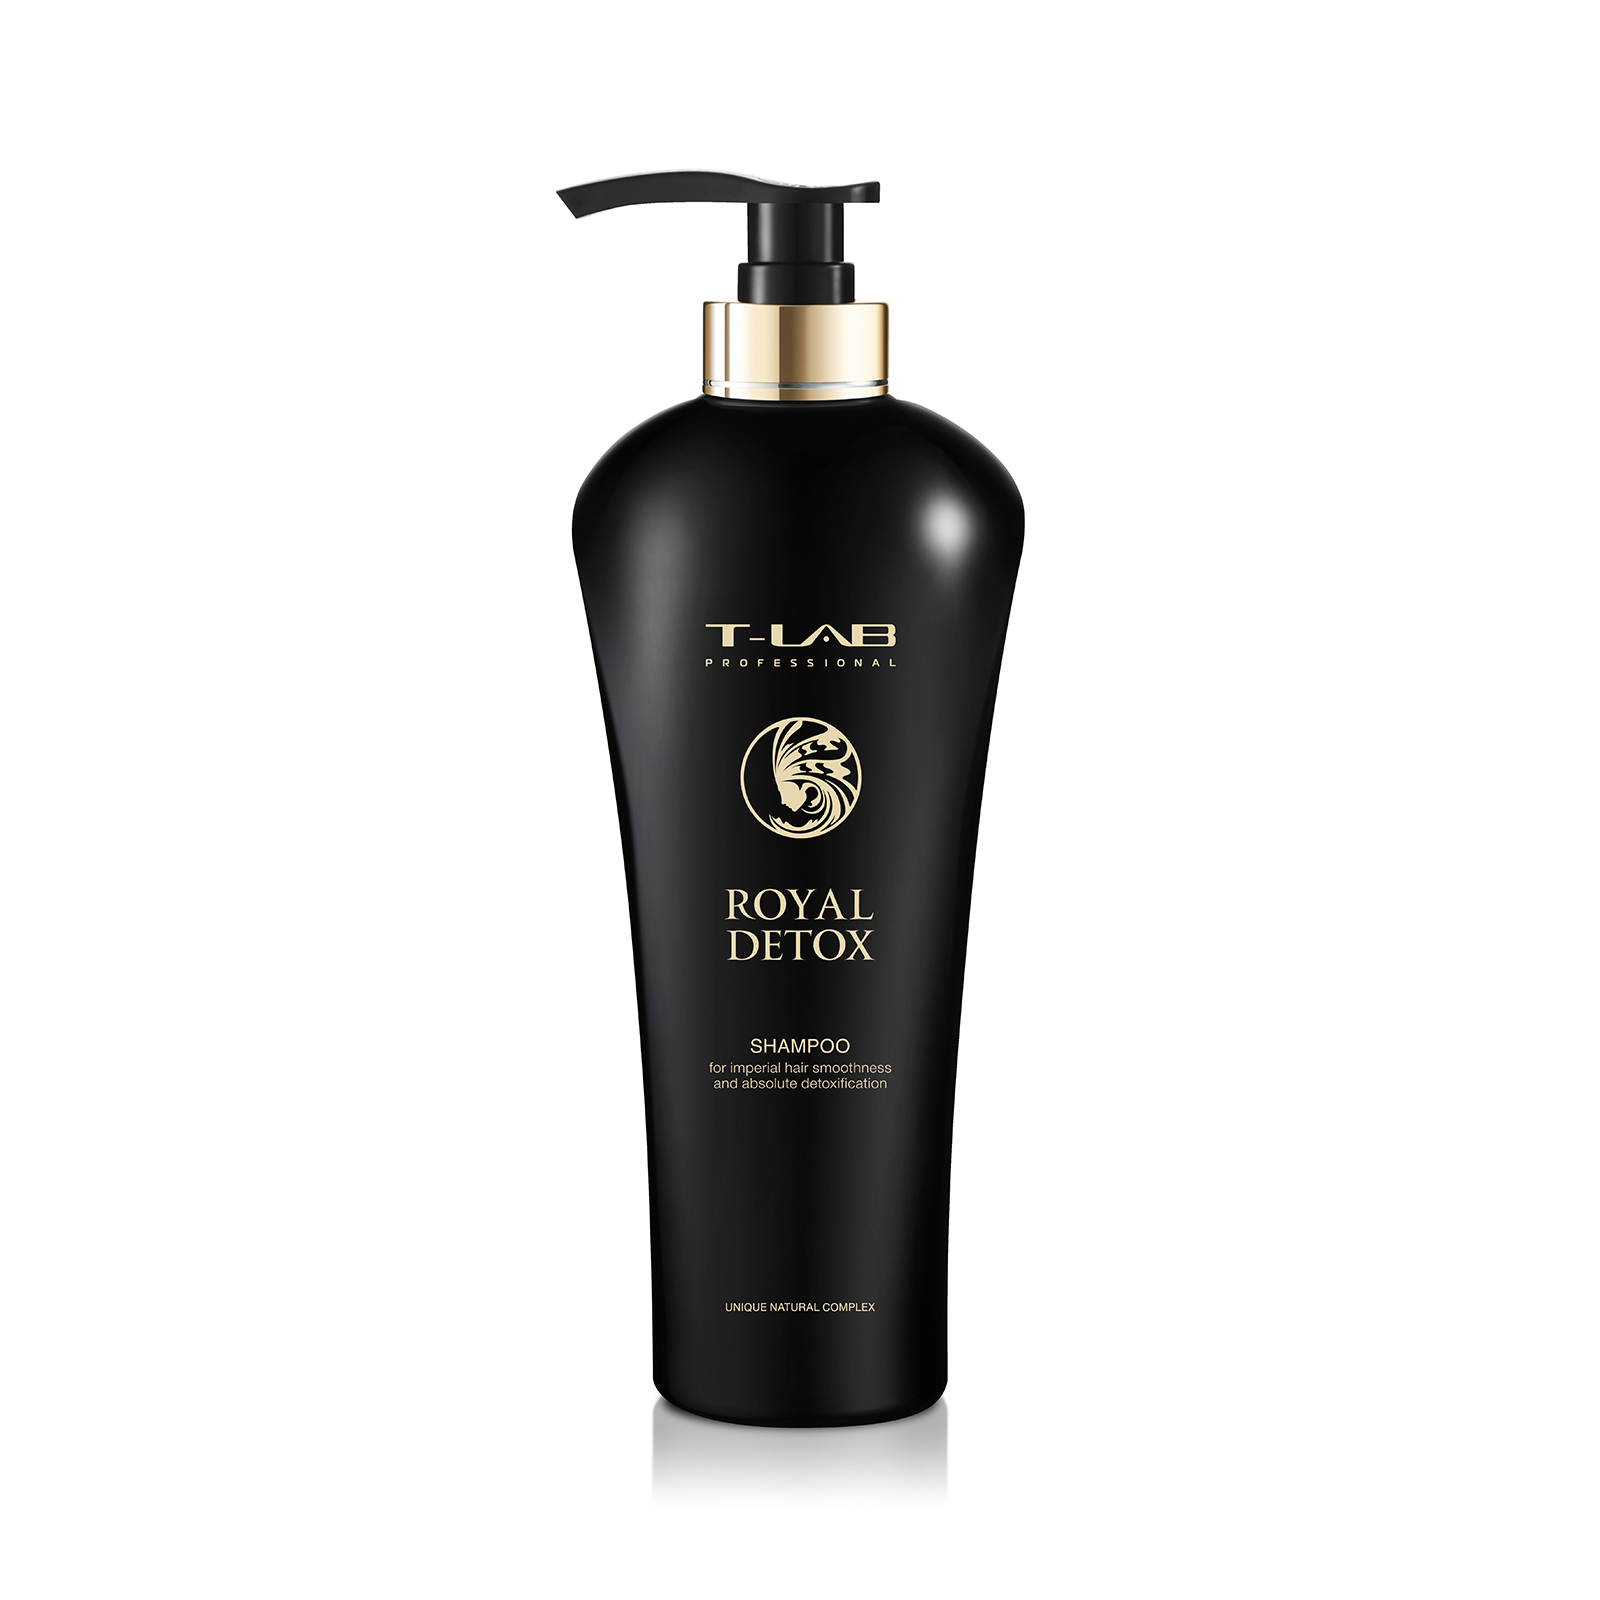 T-Lab Professional - Royal Detox Shampoo 750 ml